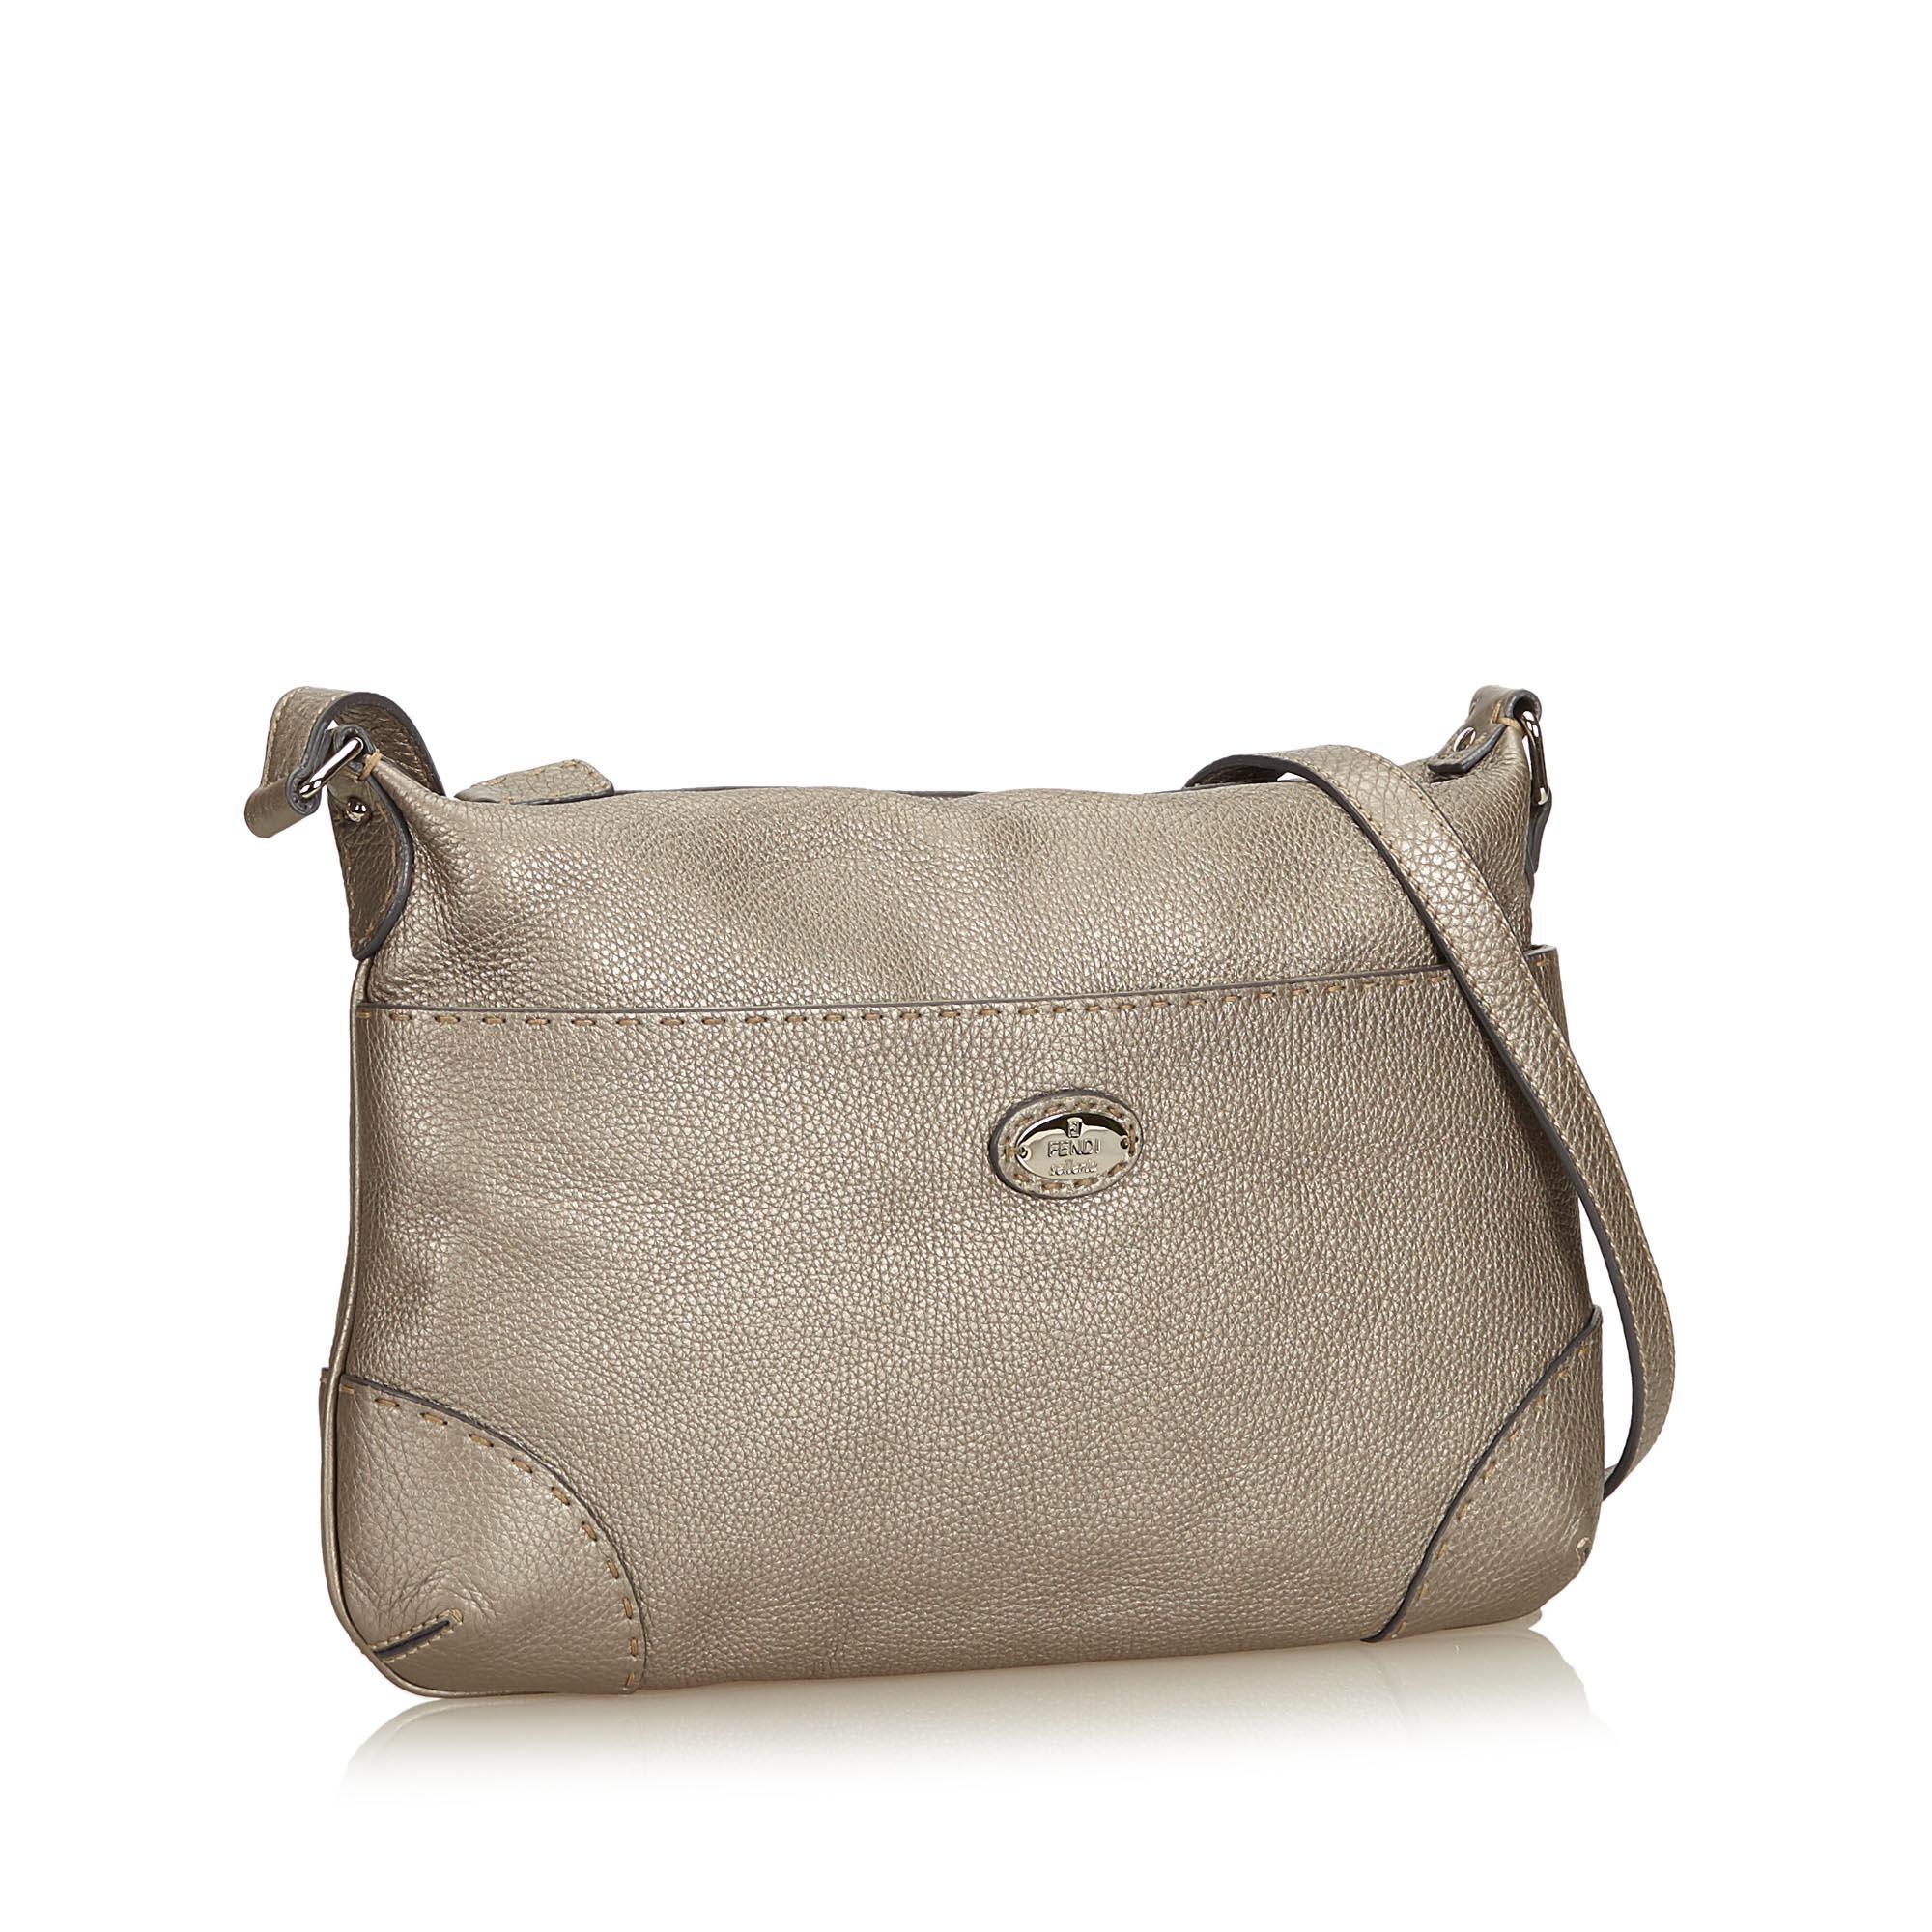 2e10e19fea97 Fendi Gray Leather Selleria Crossbody Bag at 1stdibs